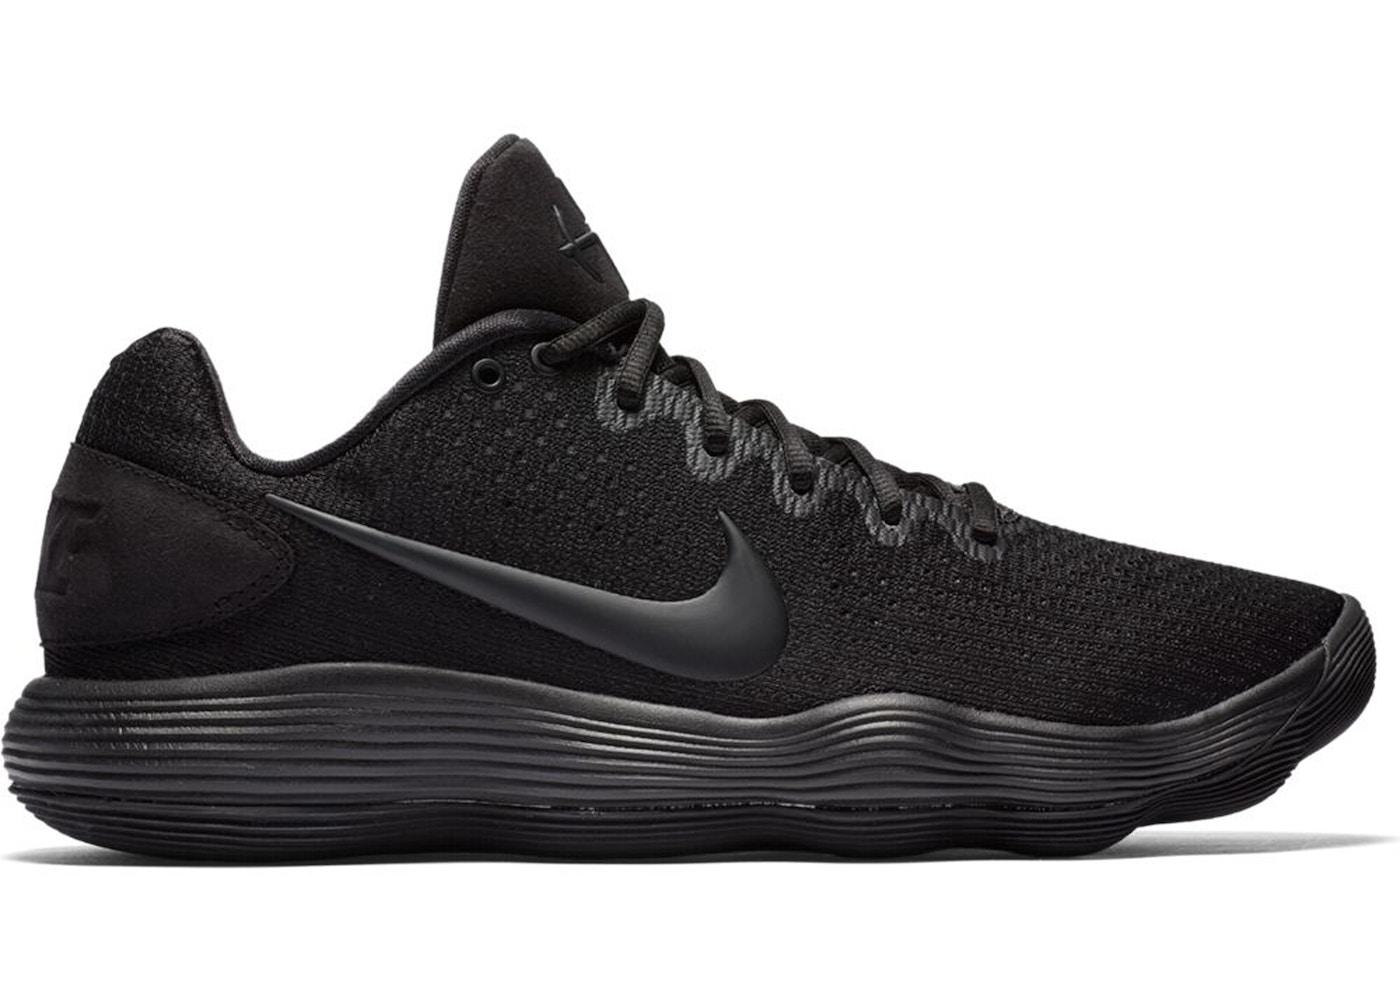 d5a5b1cfd72a Nike Hyperdunk 2017 Low Triple Black - 897663-004